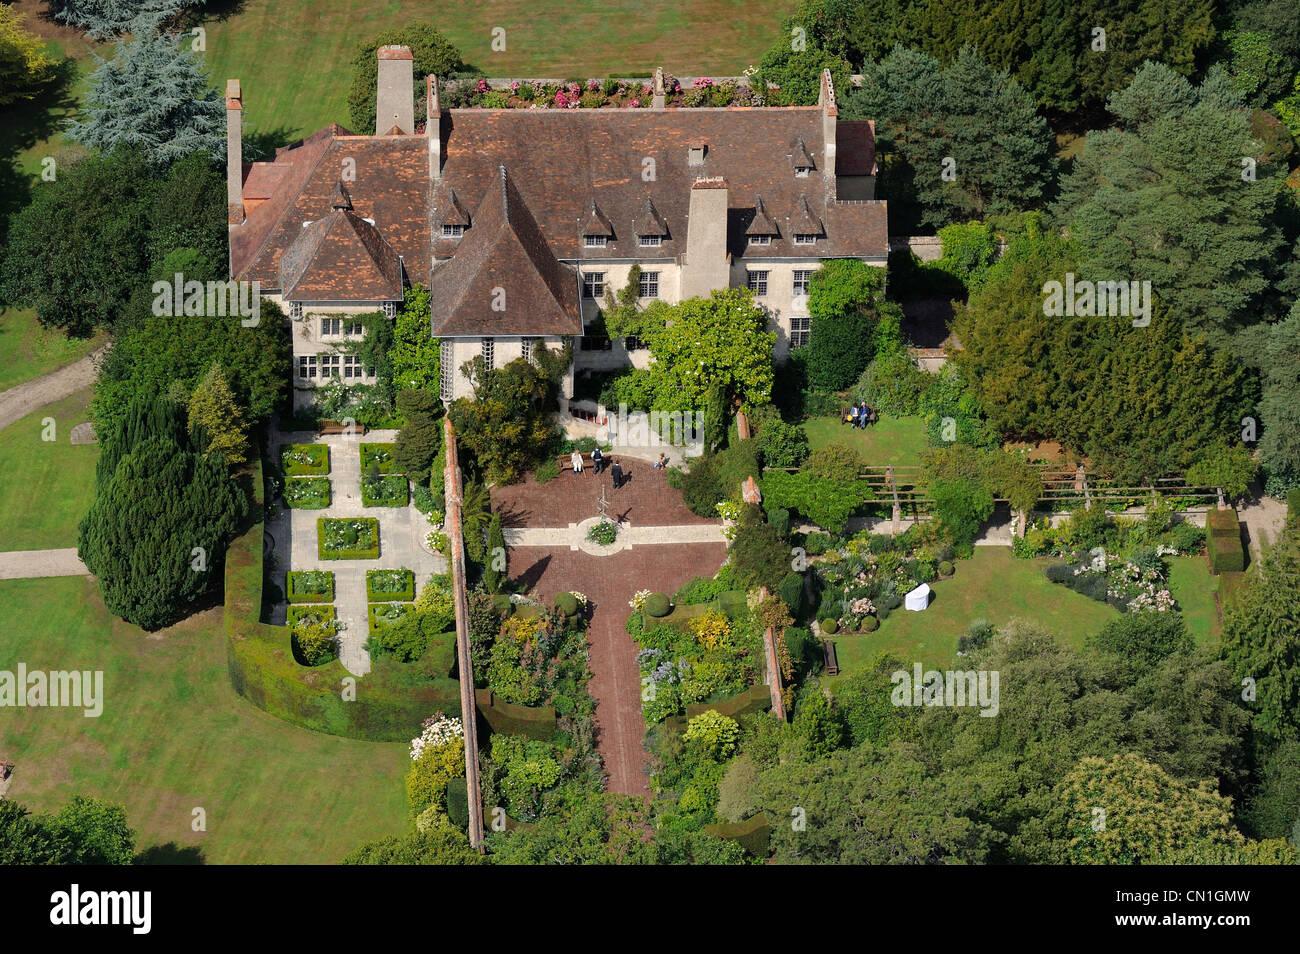 France, Seine Maritime, Varengeville sur Mer, manor of Le Bois des Moutiers Estate (aerial view) - Stock Image